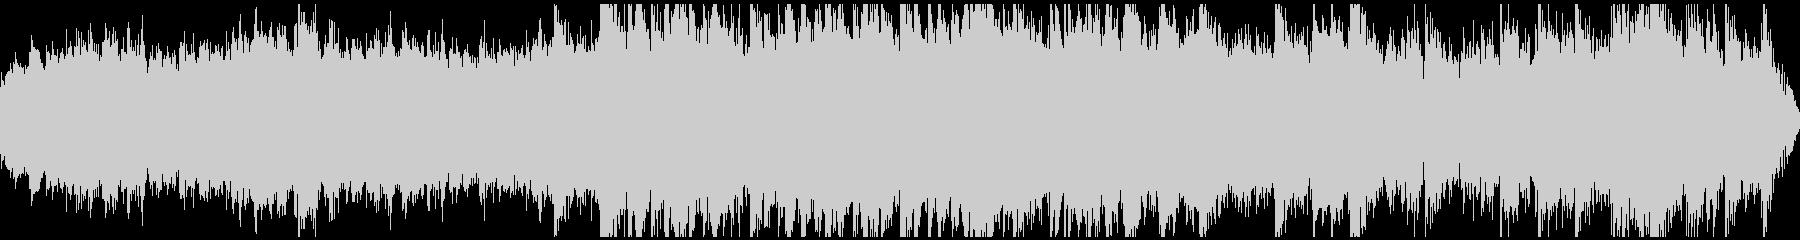 神秘的なダンジョンBGM(ループ)の未再生の波形